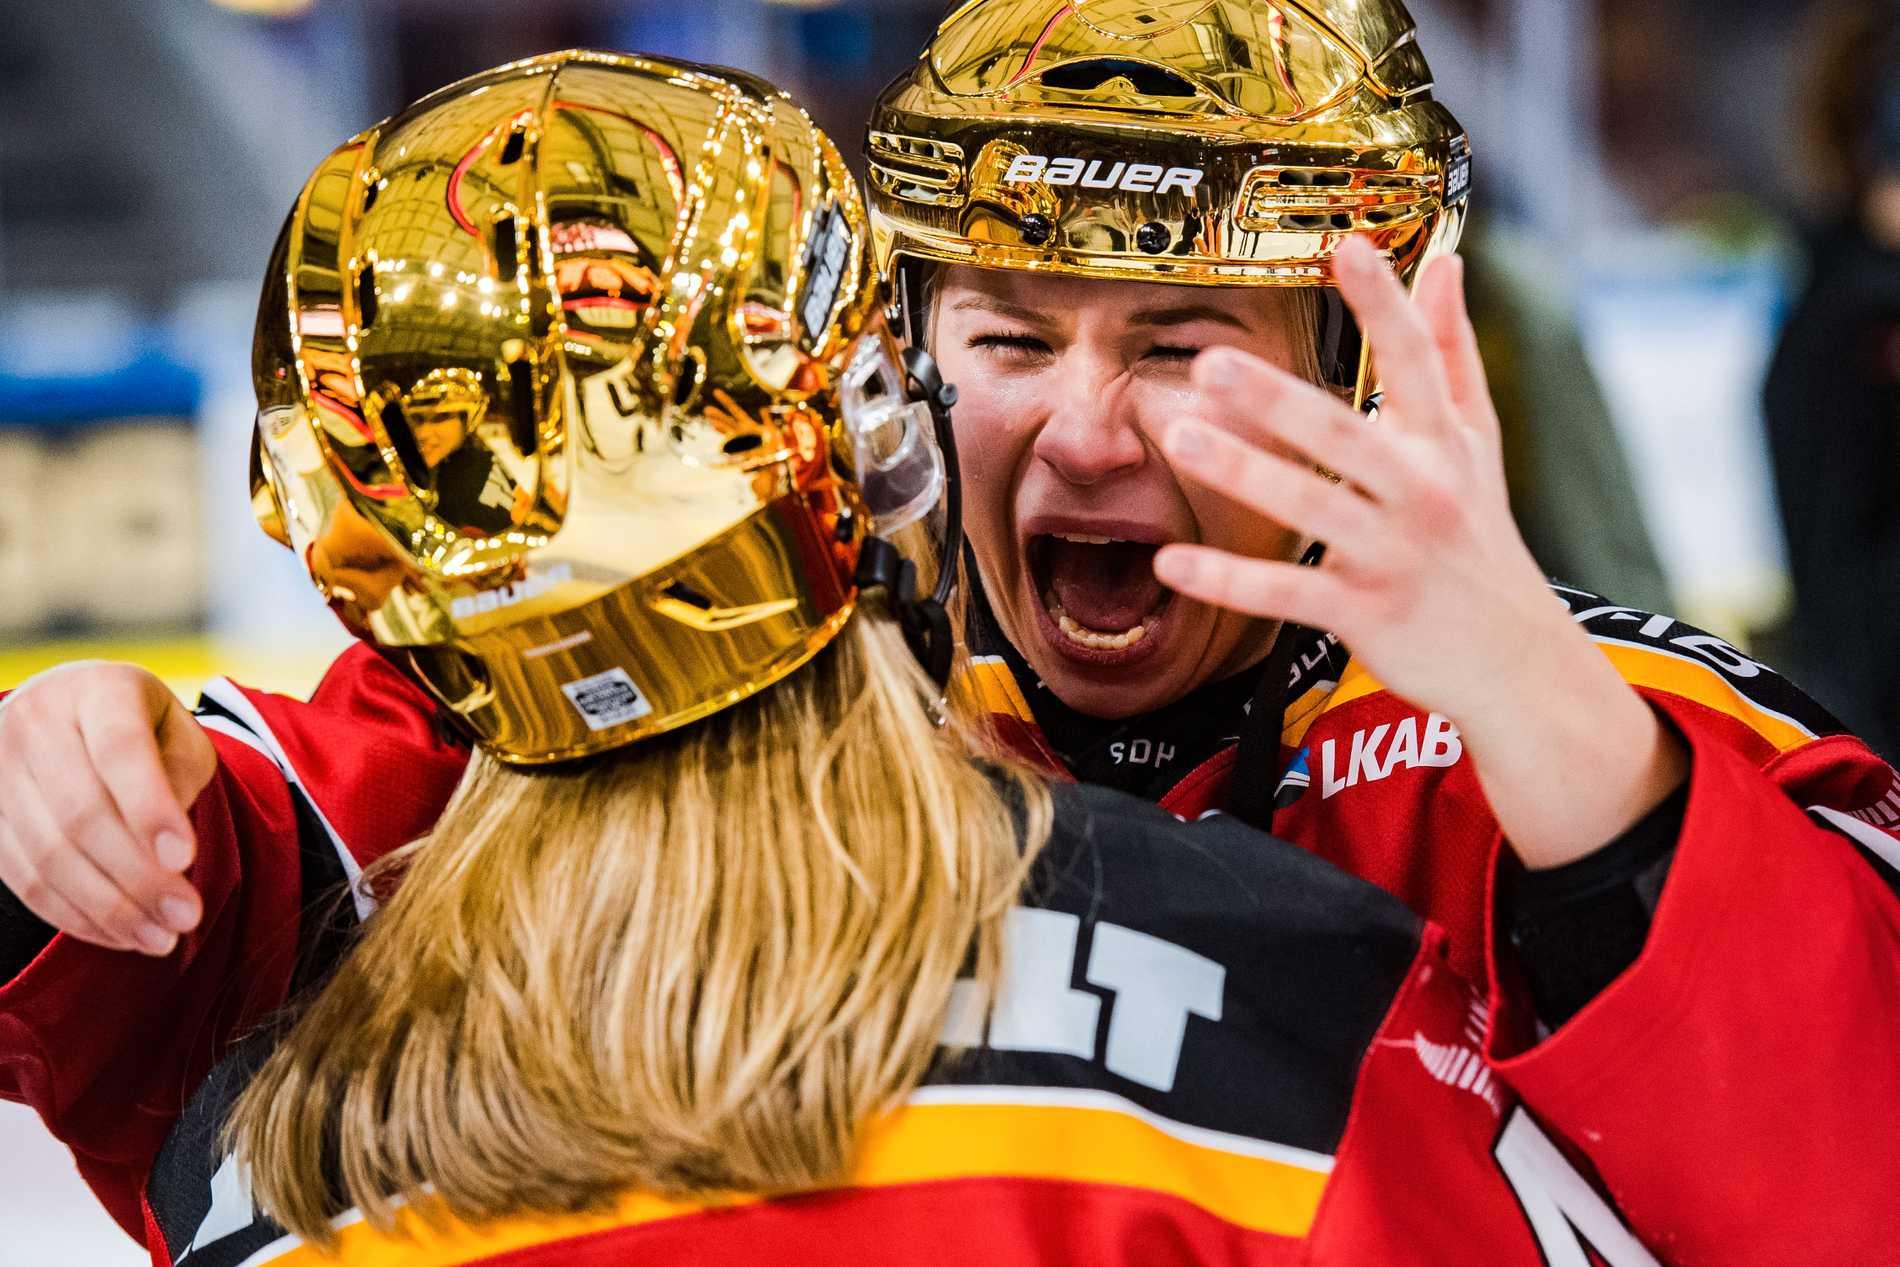 Luleås Nathalie Ferno och Ebba Berglund jublar efter final 5 i SDHL-slutspelet mellan Luleå och Linköping den 21 mars 2019 i Luleå.